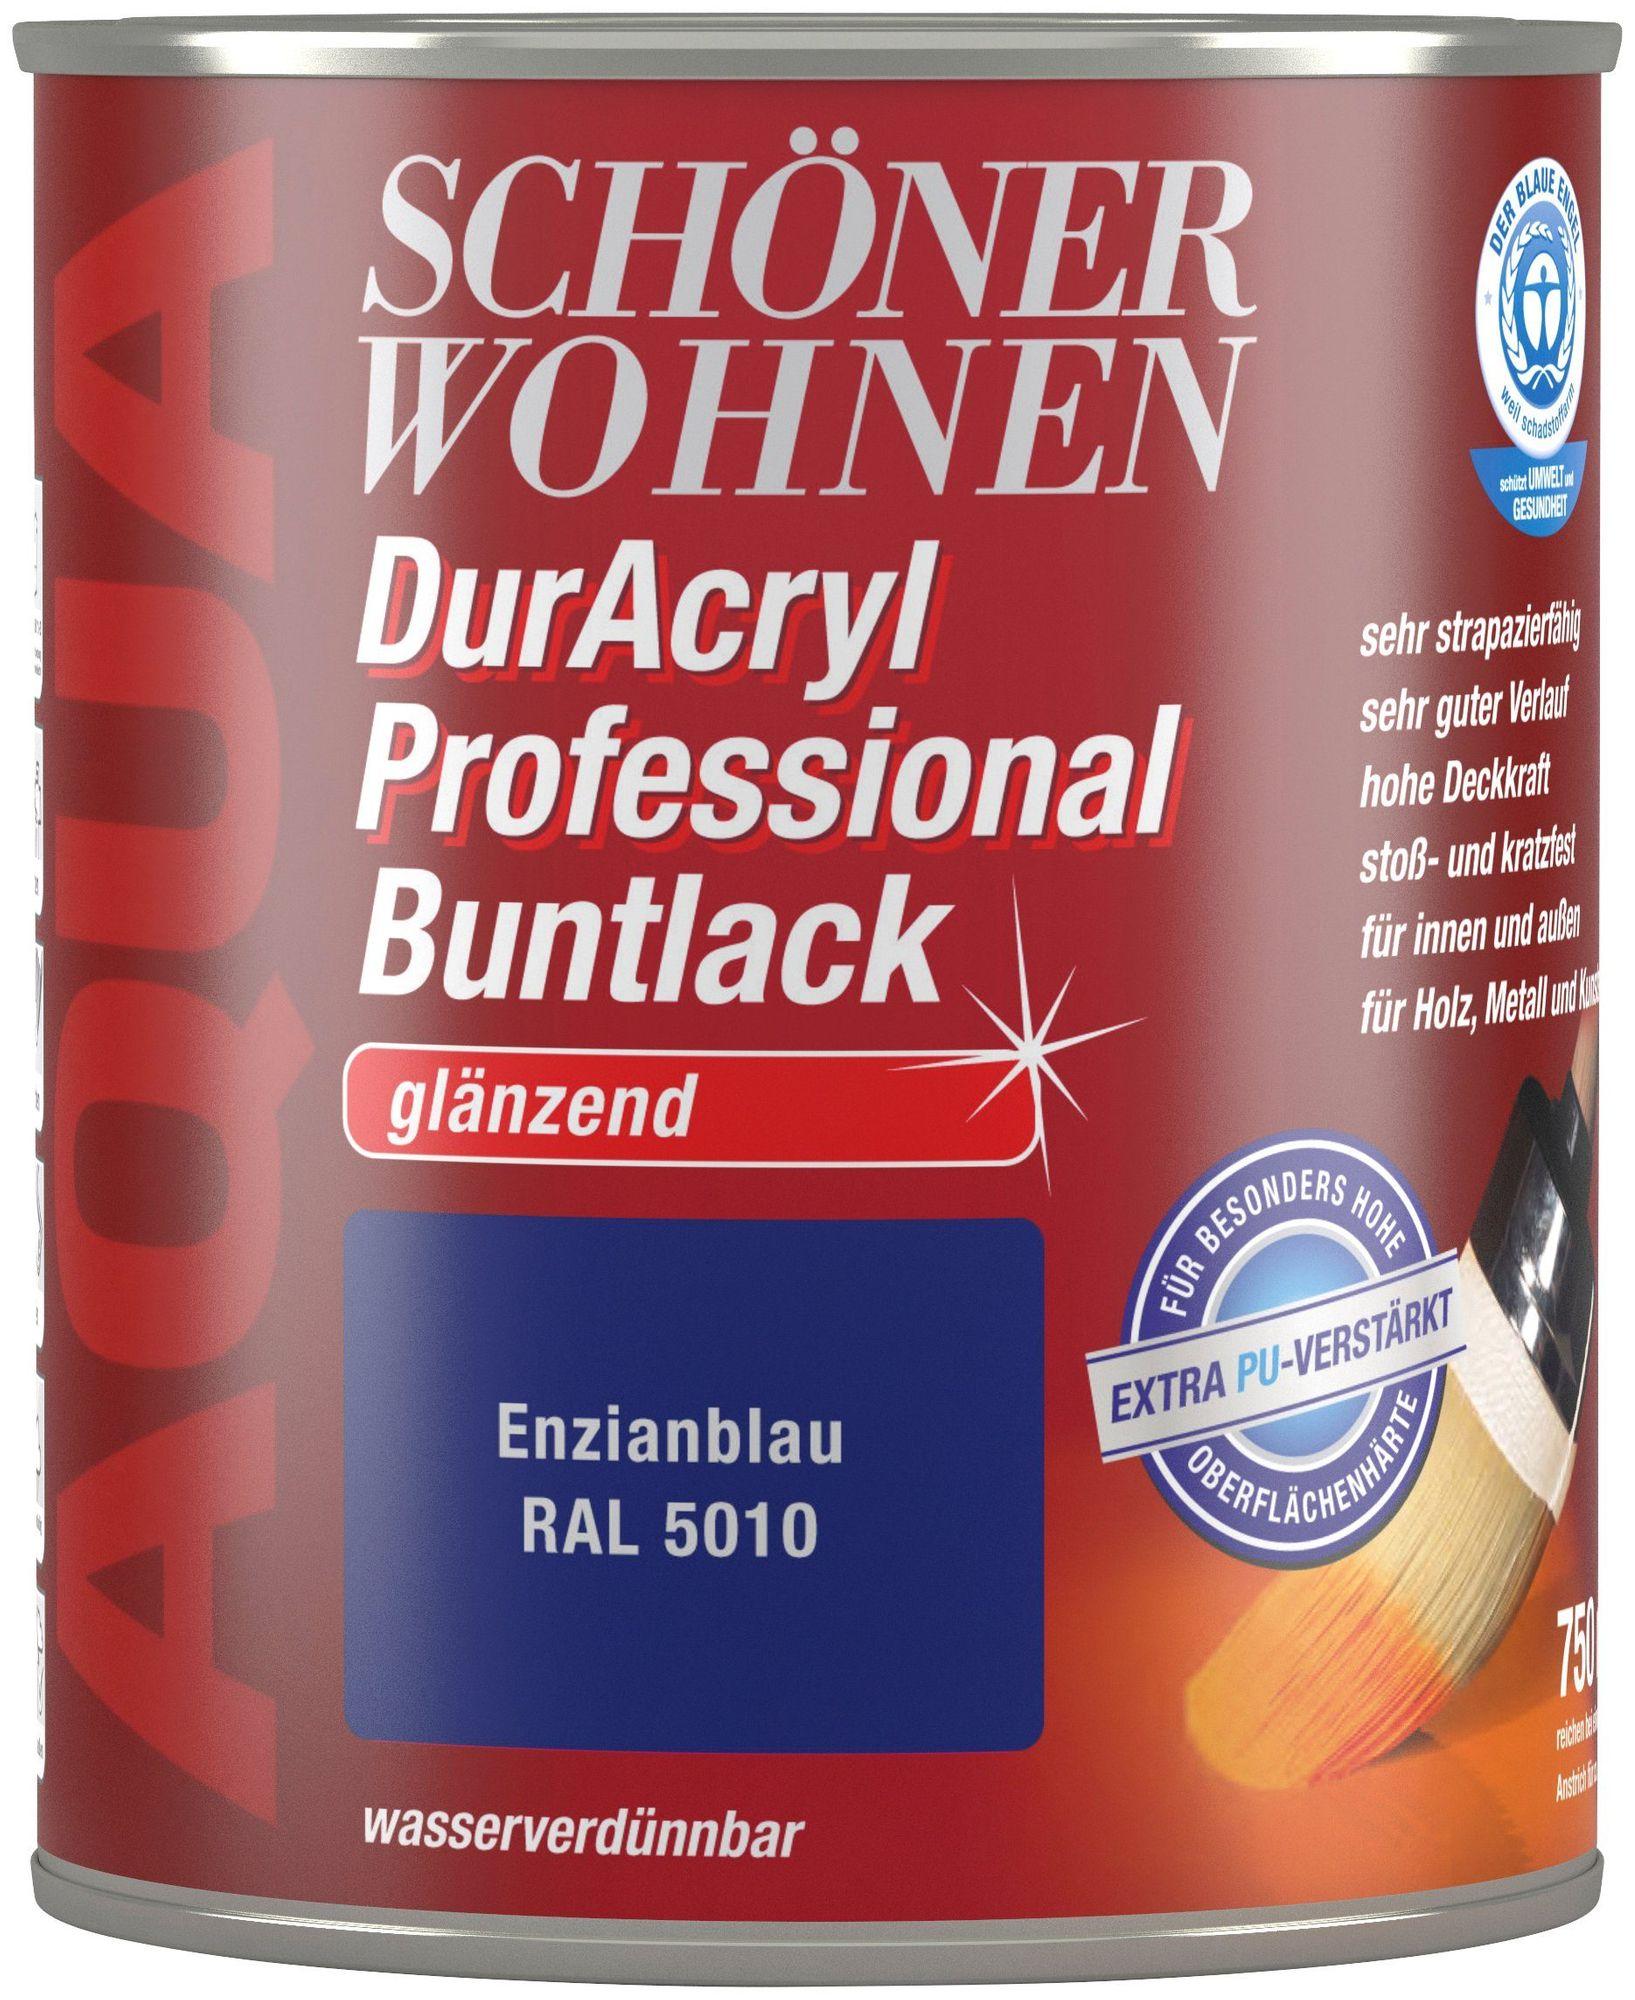 Schöner Wohnen Buntlack DurAcryl Professional Glänzend, RAL 5010 Enzianblau 750 ml